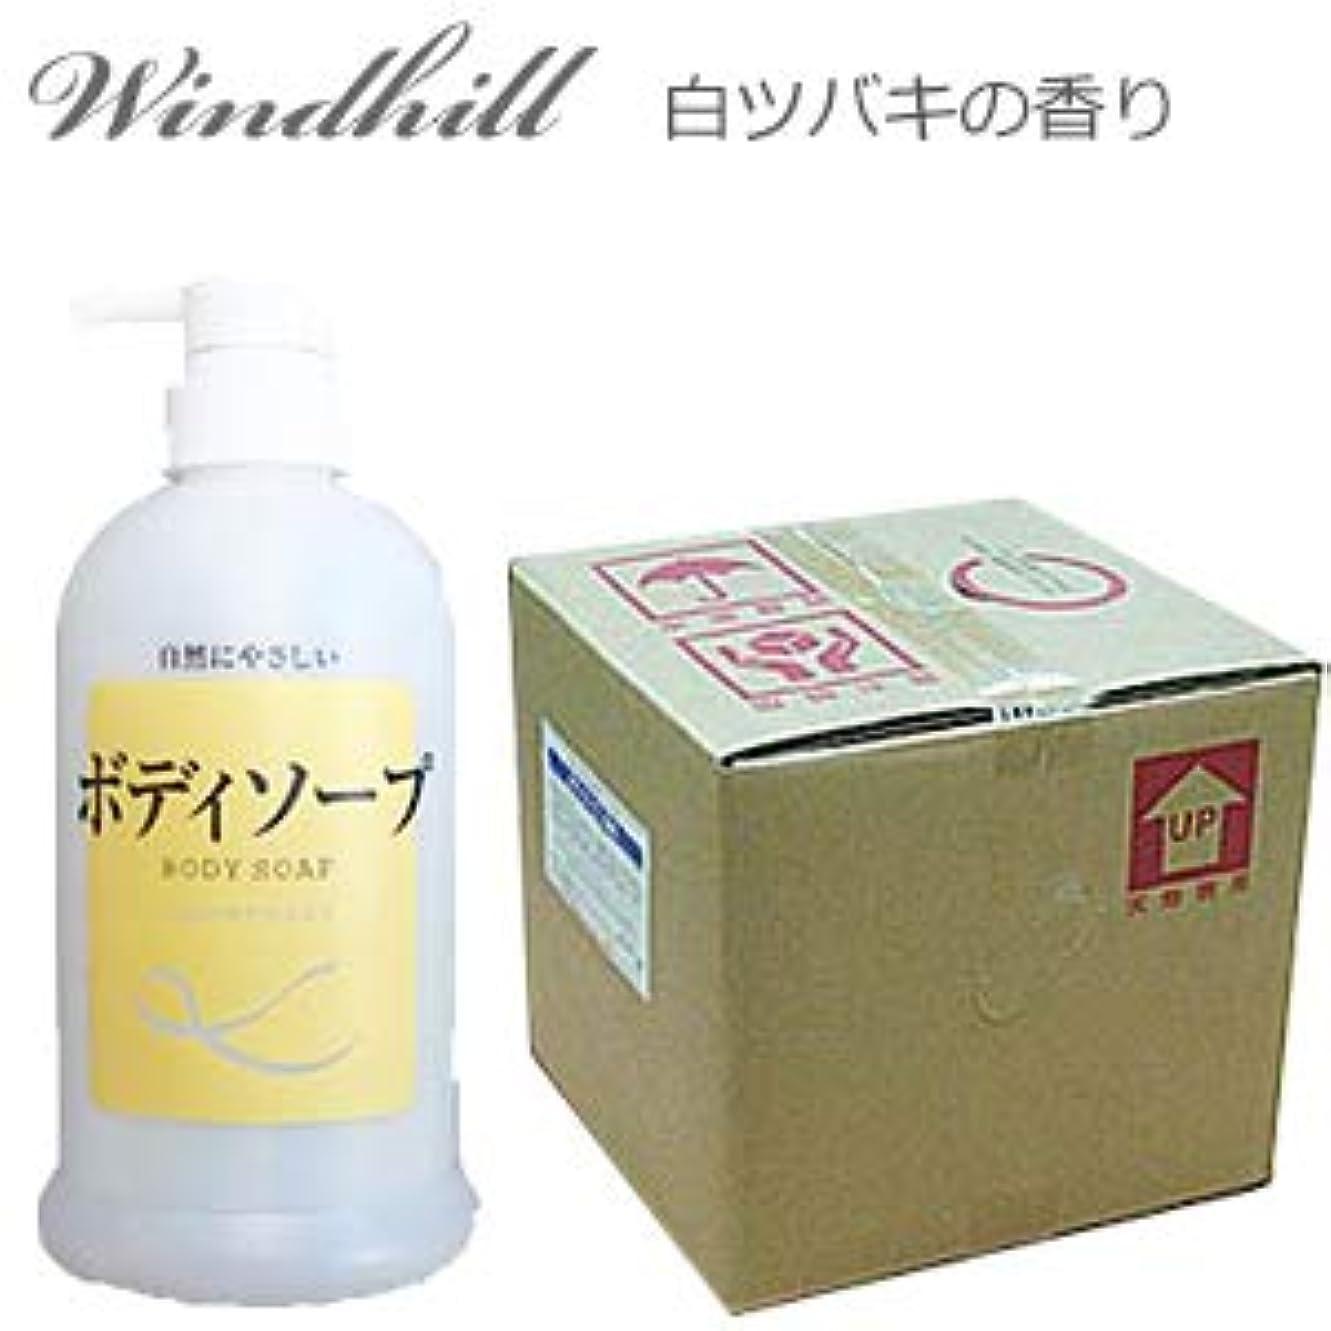 合理的順応性のある見落とすなんと! 500ml当り175円 Windhill 植物性 業務用 ボディソープ  白ツバキの香り 20L